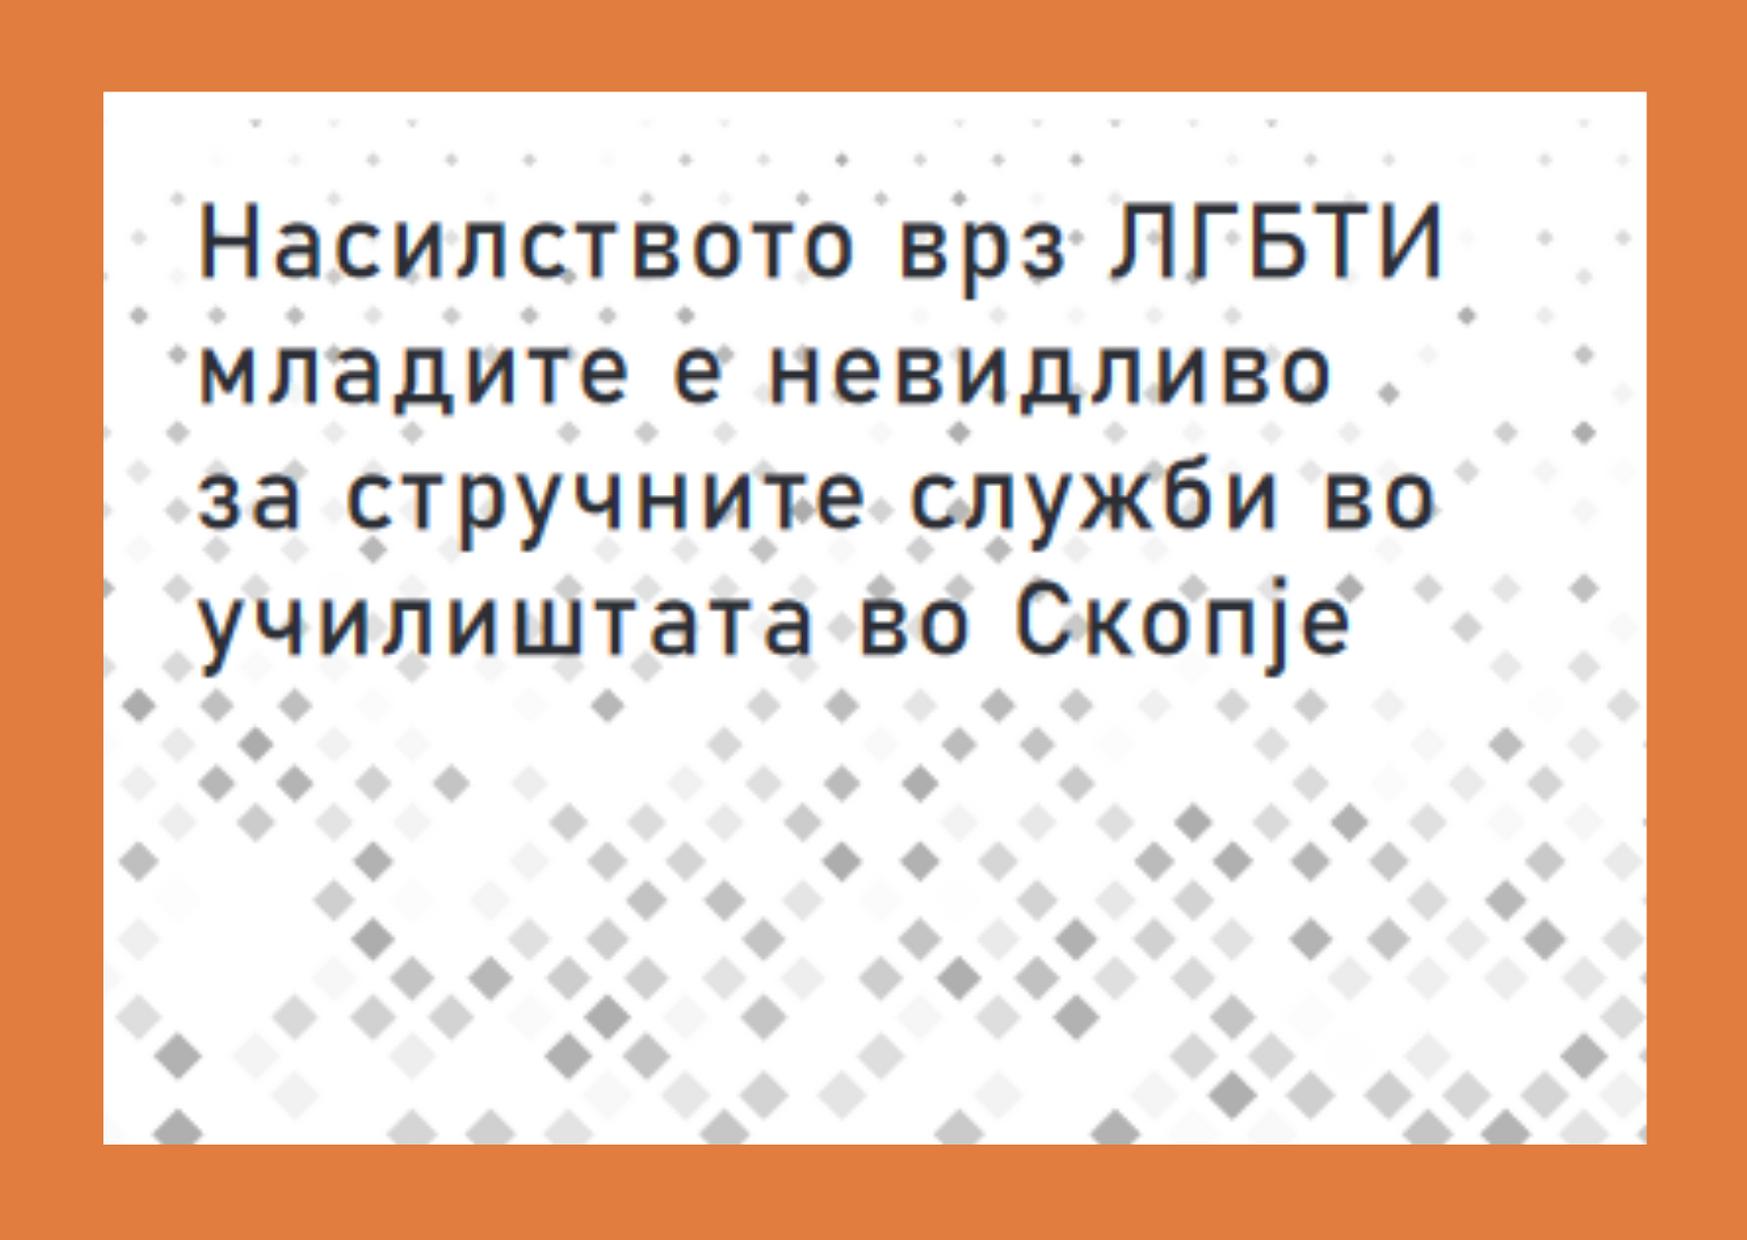 Документ за јавни политики: Насилството врз ЛГБТИ младите е невидливо за стручните служби во училиштата во Скопје